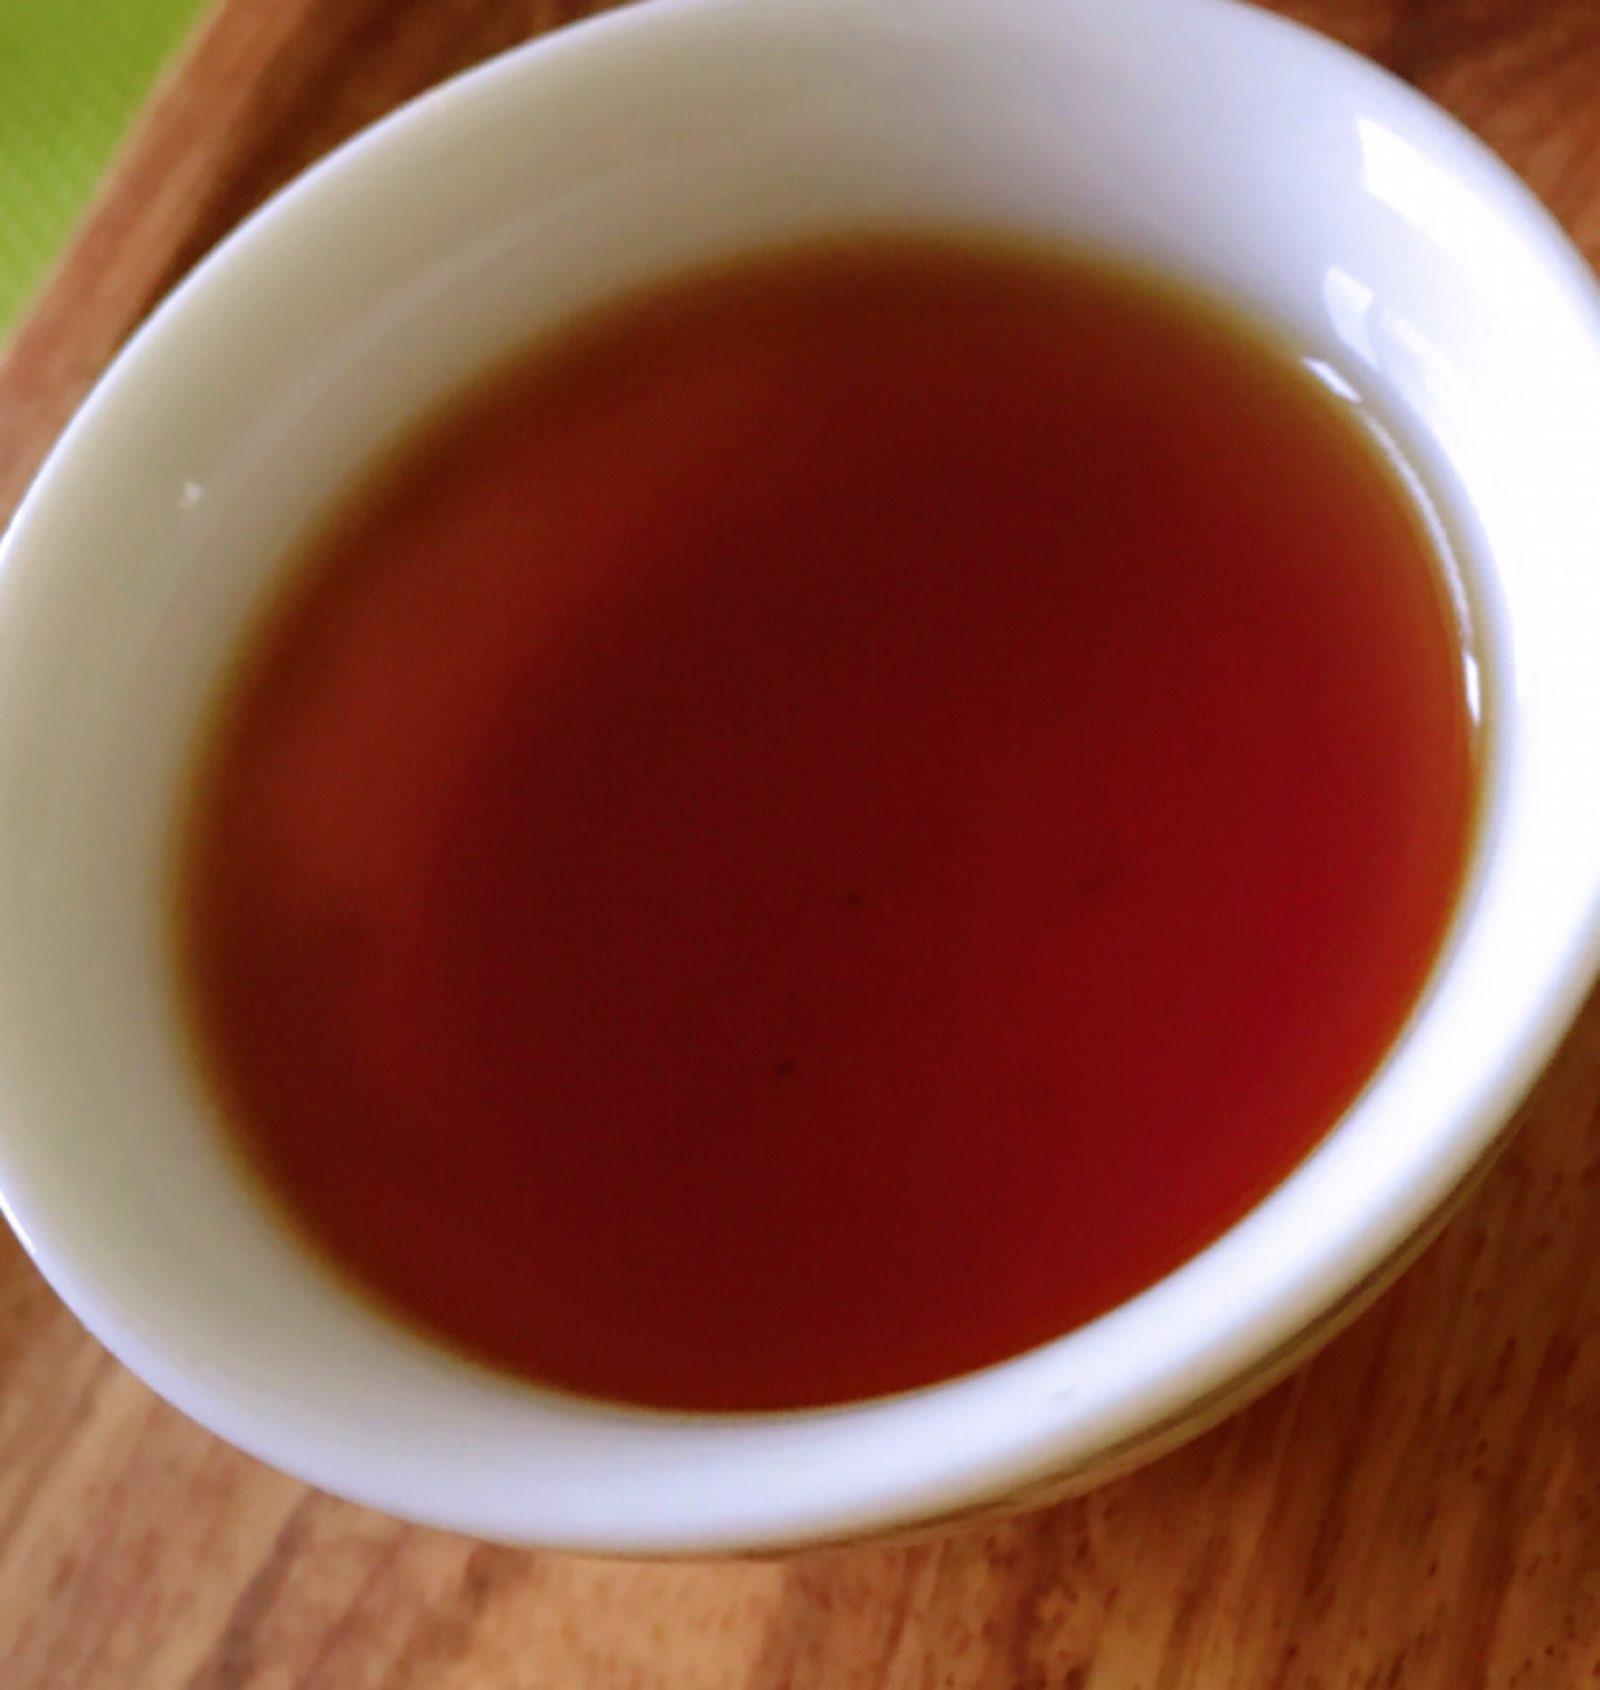 无雪的冬日,煮一锅五香茶花生